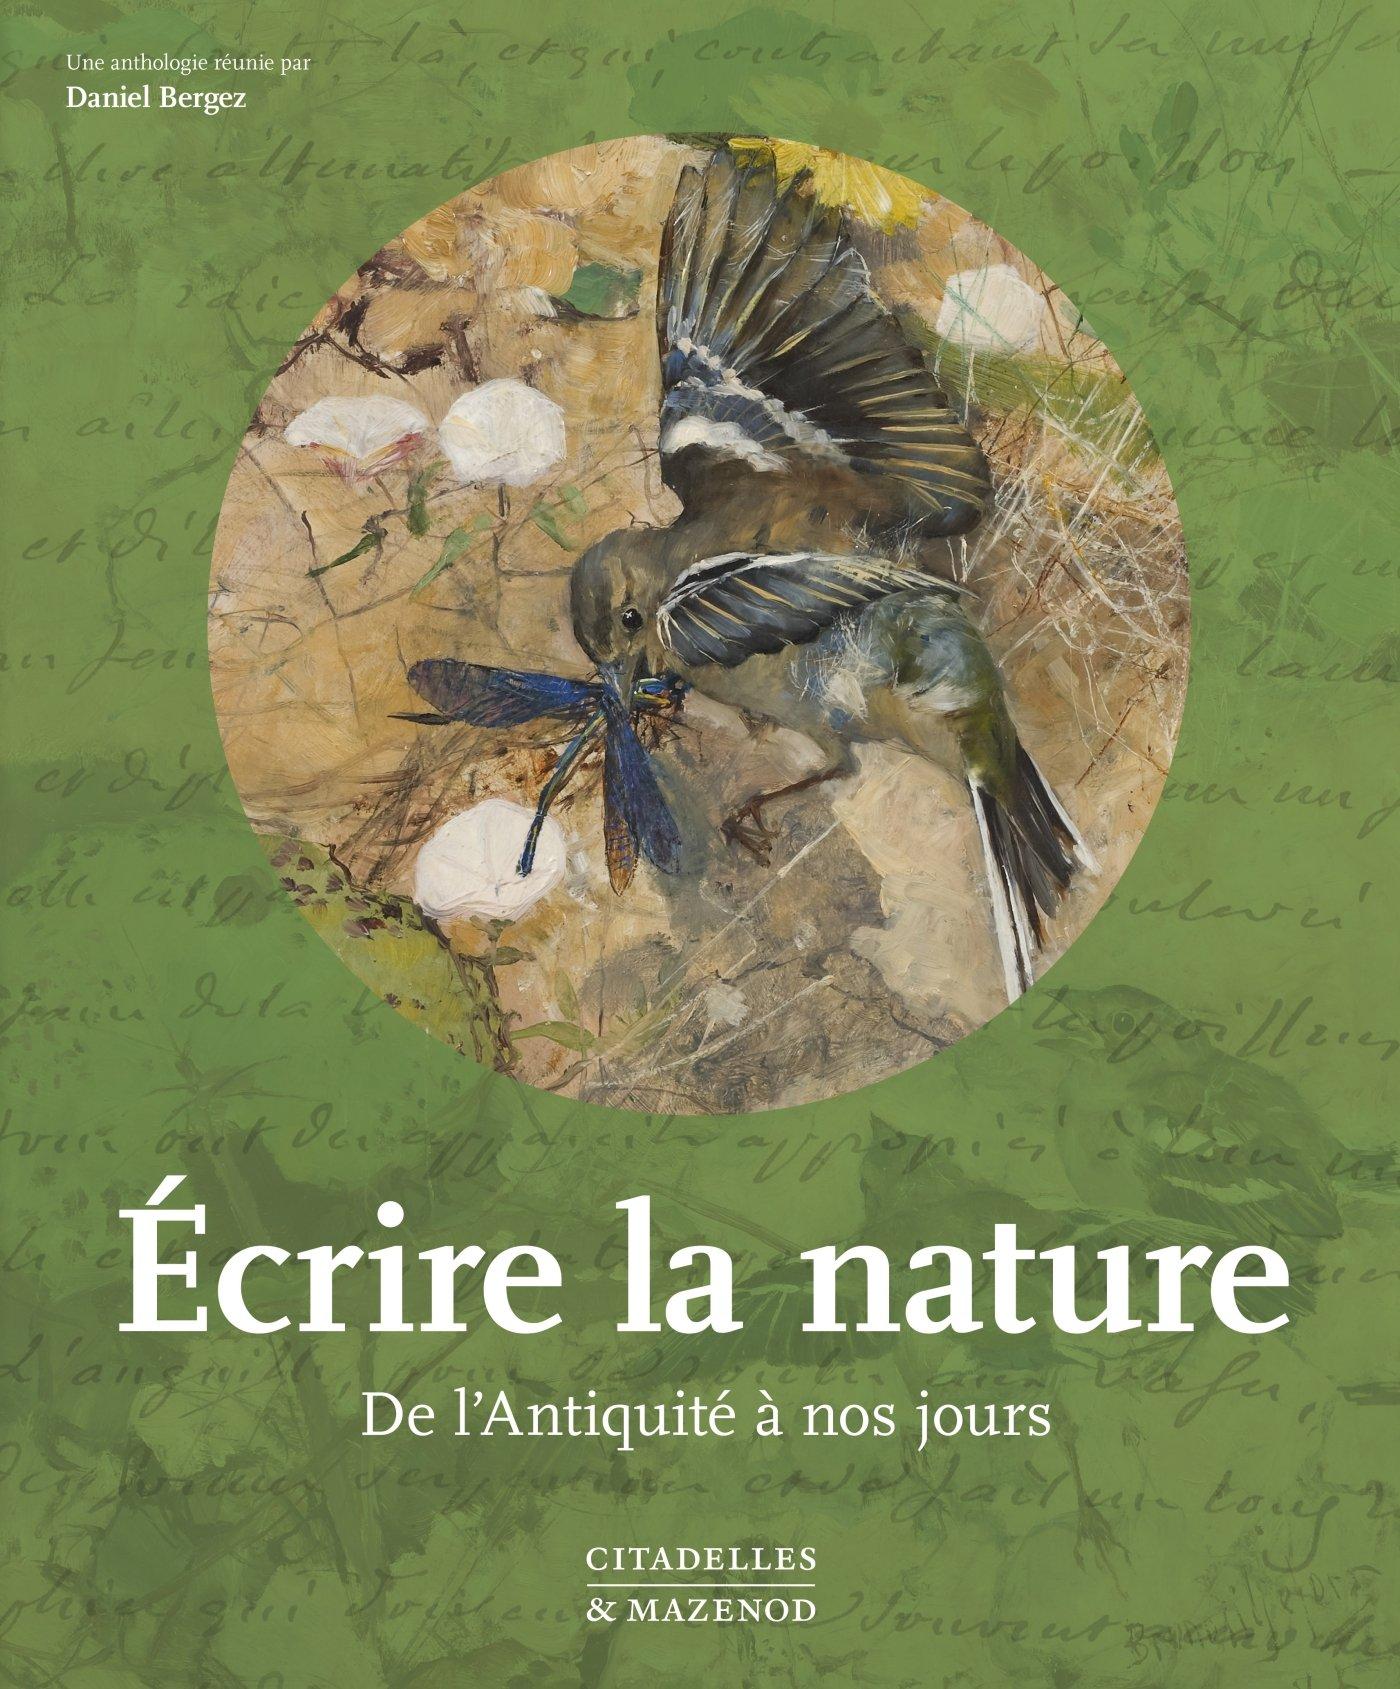 Tras la senda de Thoreau: libros, ensayos, documentales etc de vida salvaje y naturaleza. - Página 2 81mQOTpHrsL